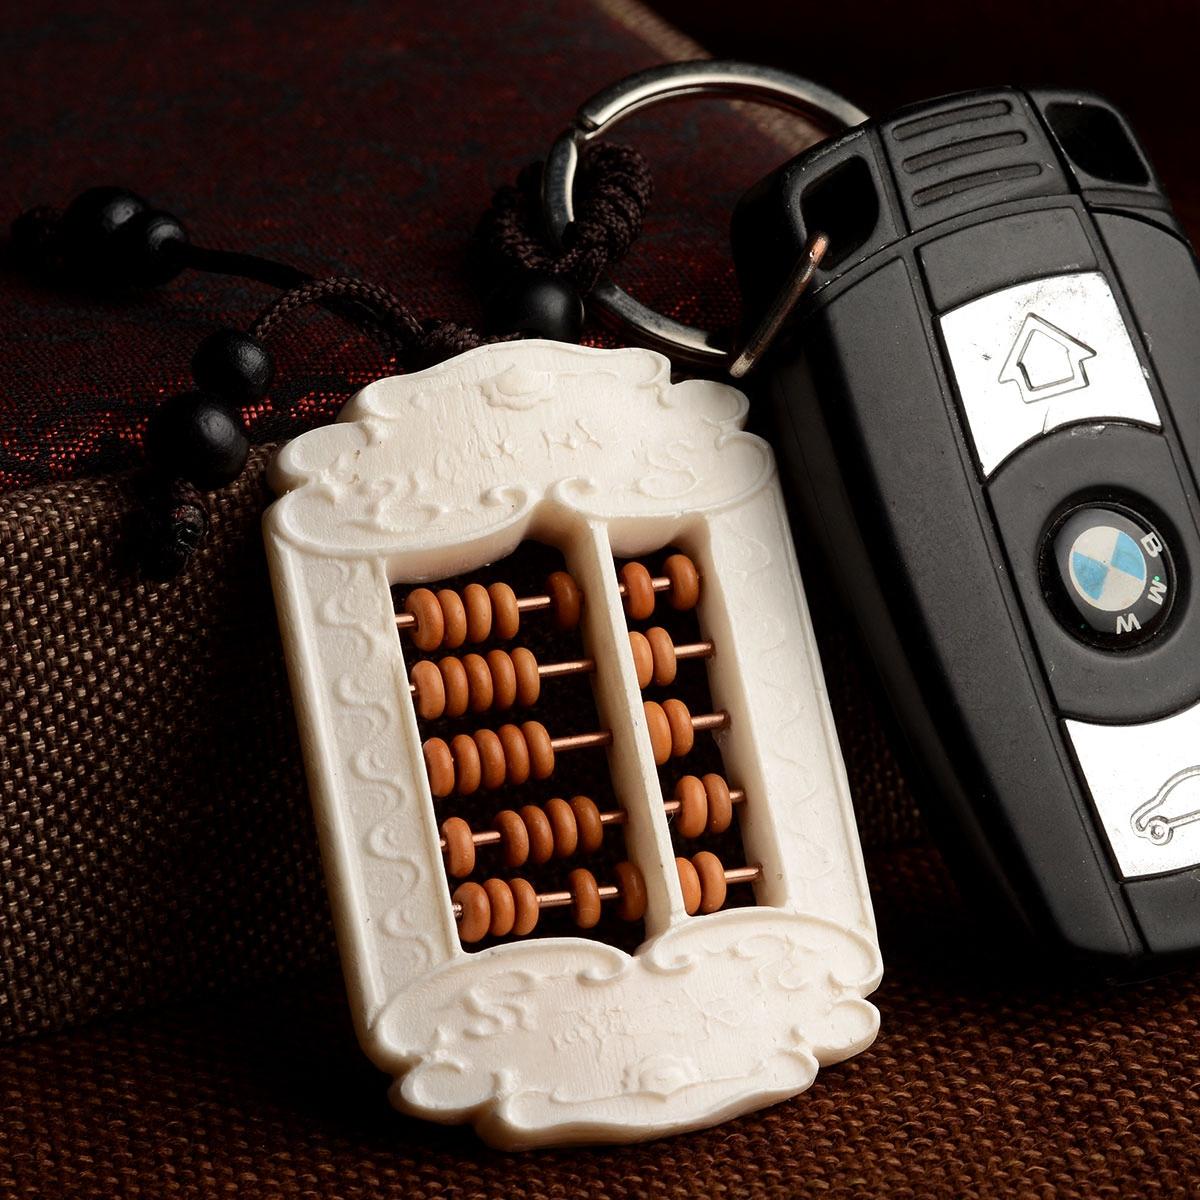 风水阁 牛骨如意算盘钥匙扣创意汽车钥匙扣钥匙链挂件男女钥匙圈